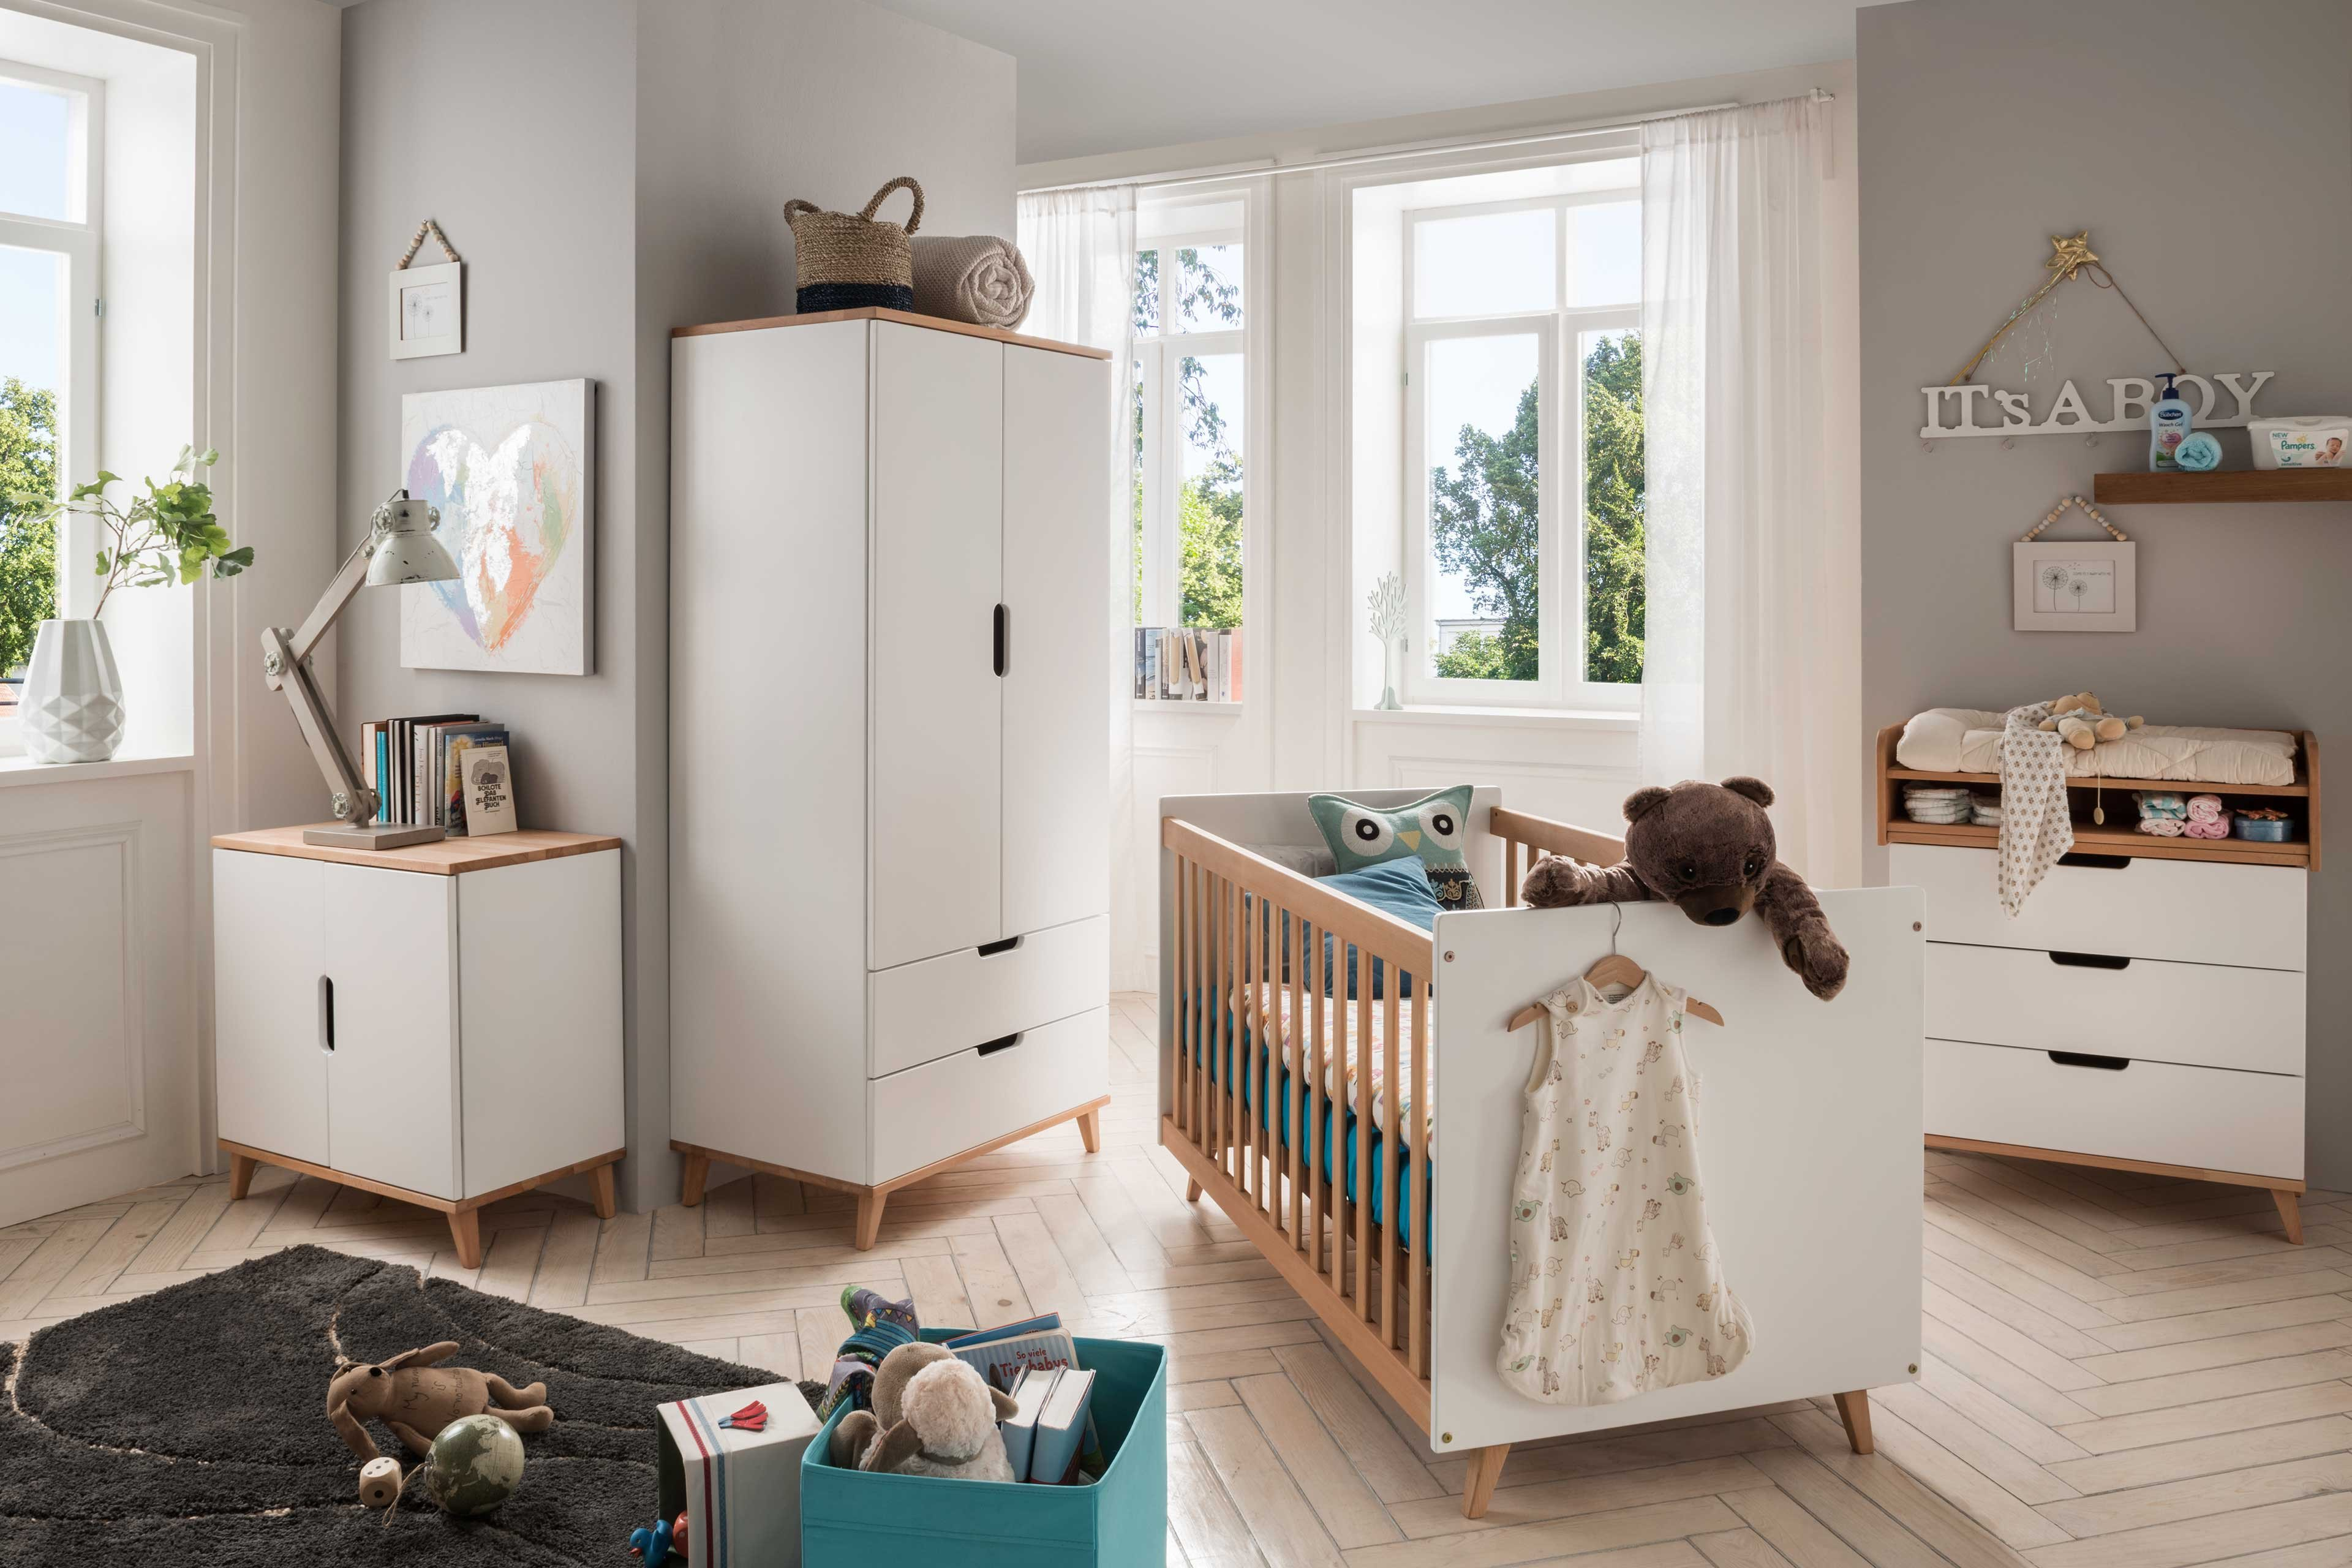 Infanskids Infanscolor Babyzimmer weiß   Buche   Möbel Letz   Ihr ...